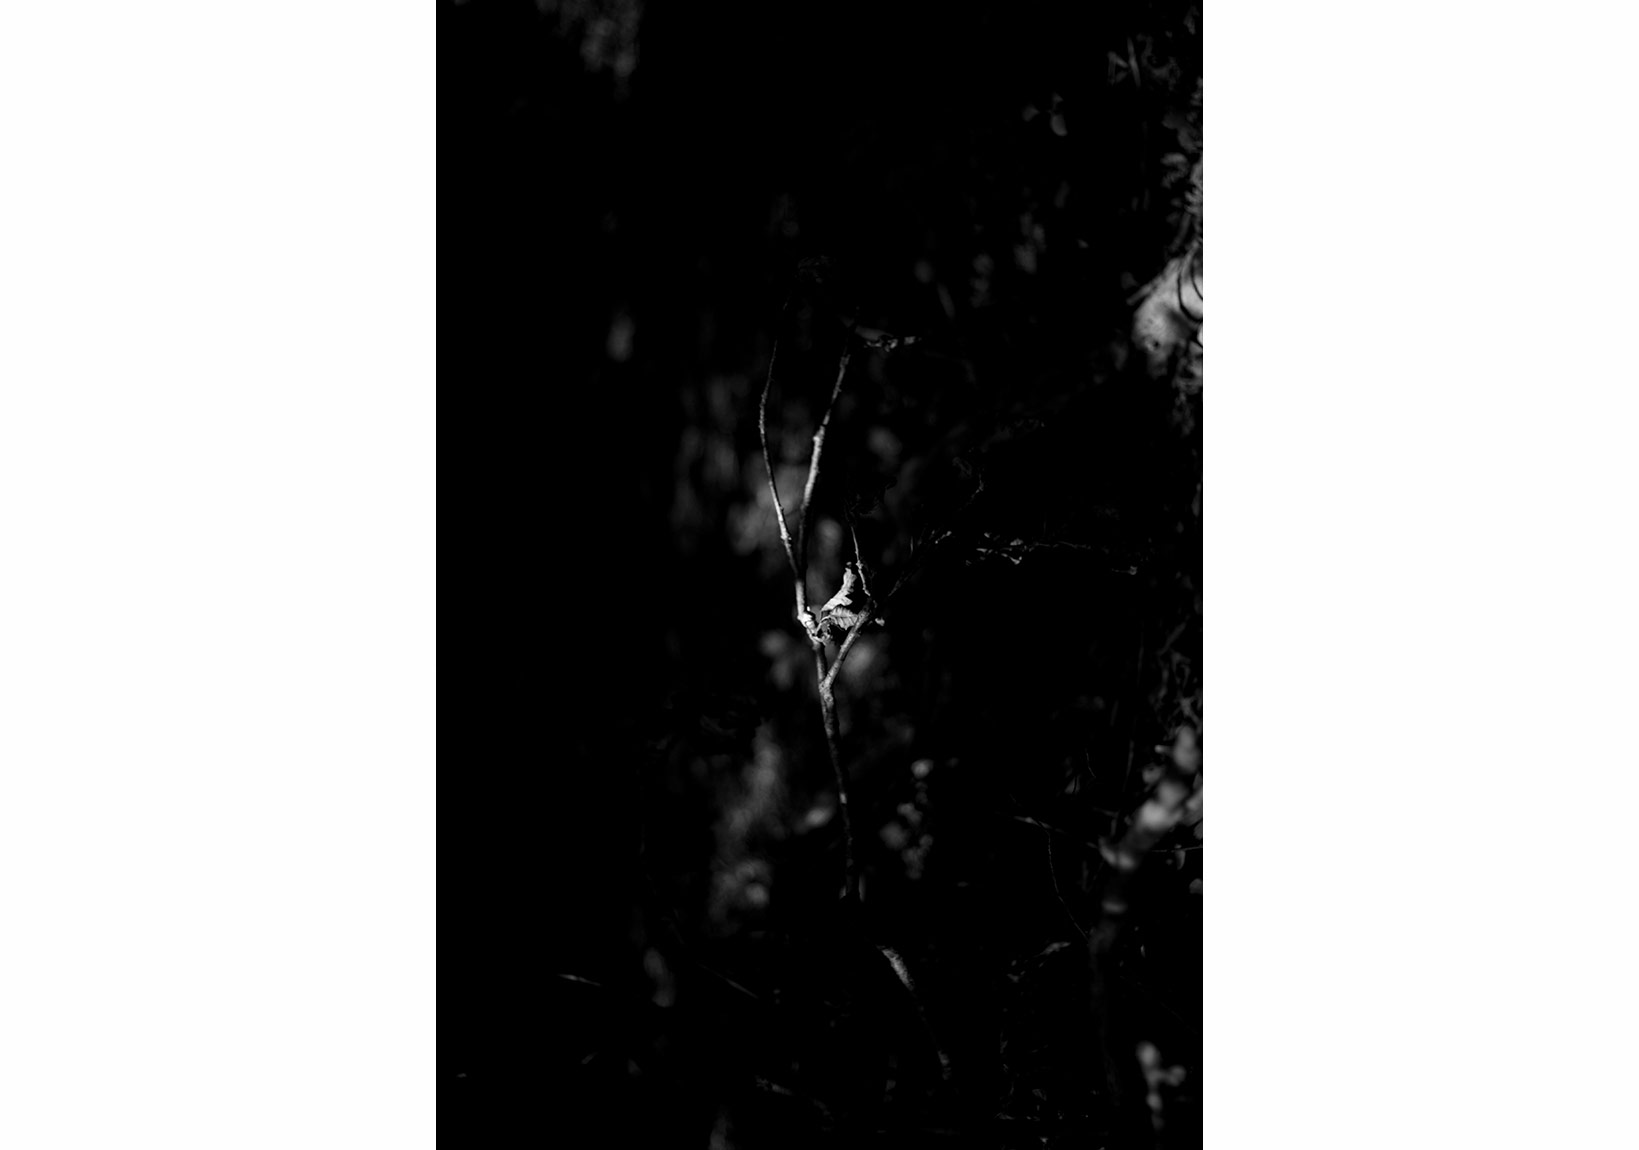 Aslı Narin, Rüzgarı Düşün/Think of the Wind(10), 2015, Diasec baskı/print, 40x27cm